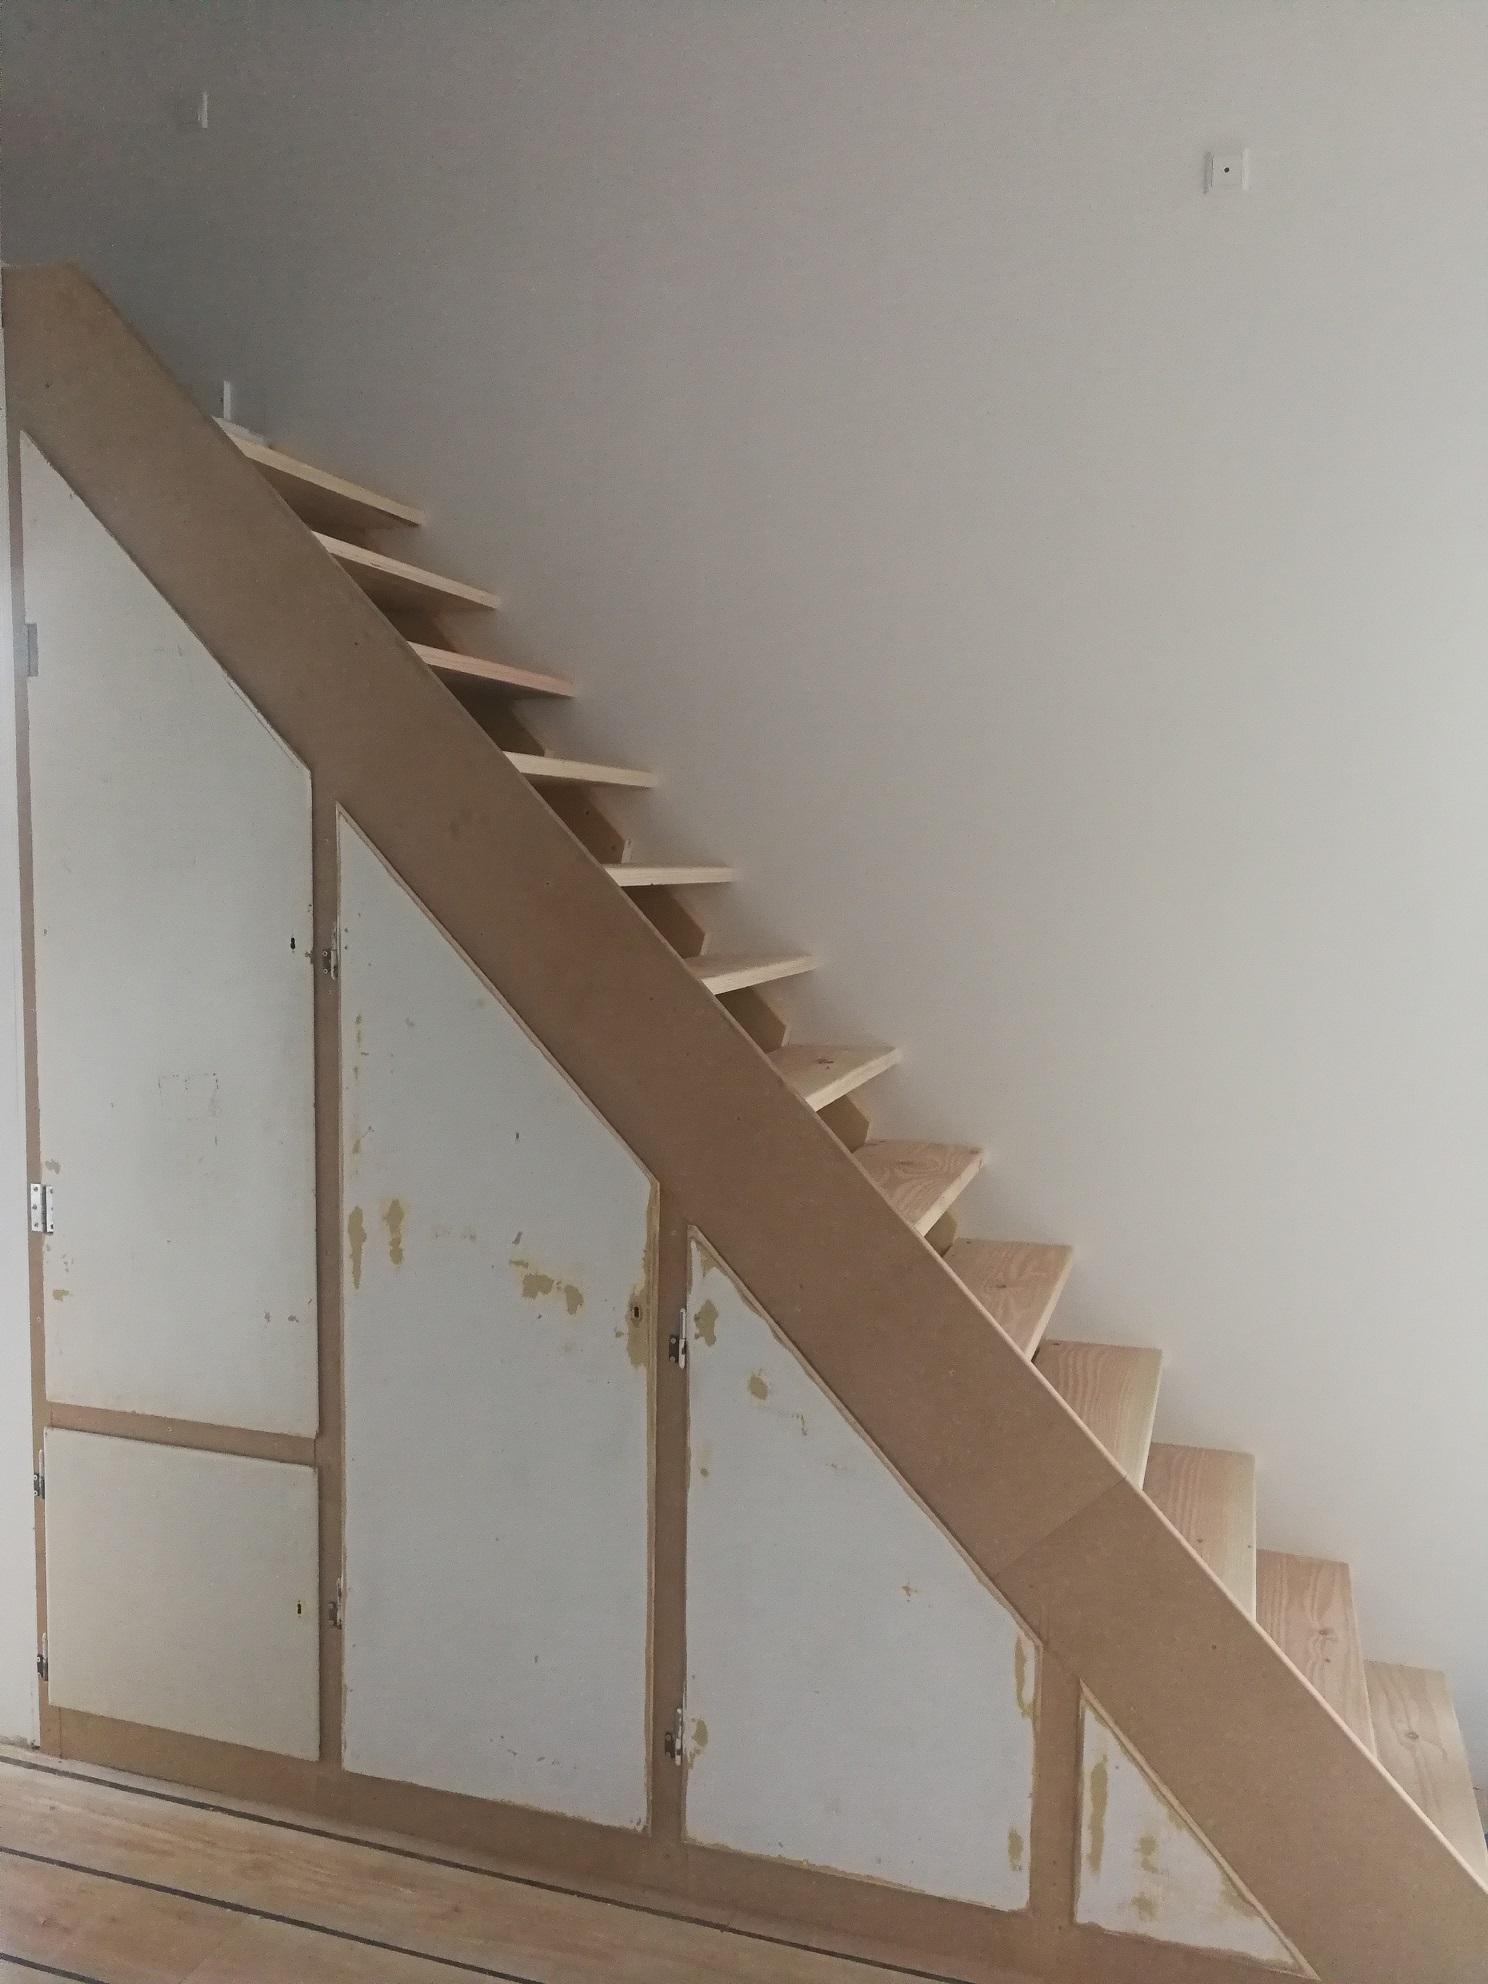 Trappe med indbyggede skabe til opbevaring